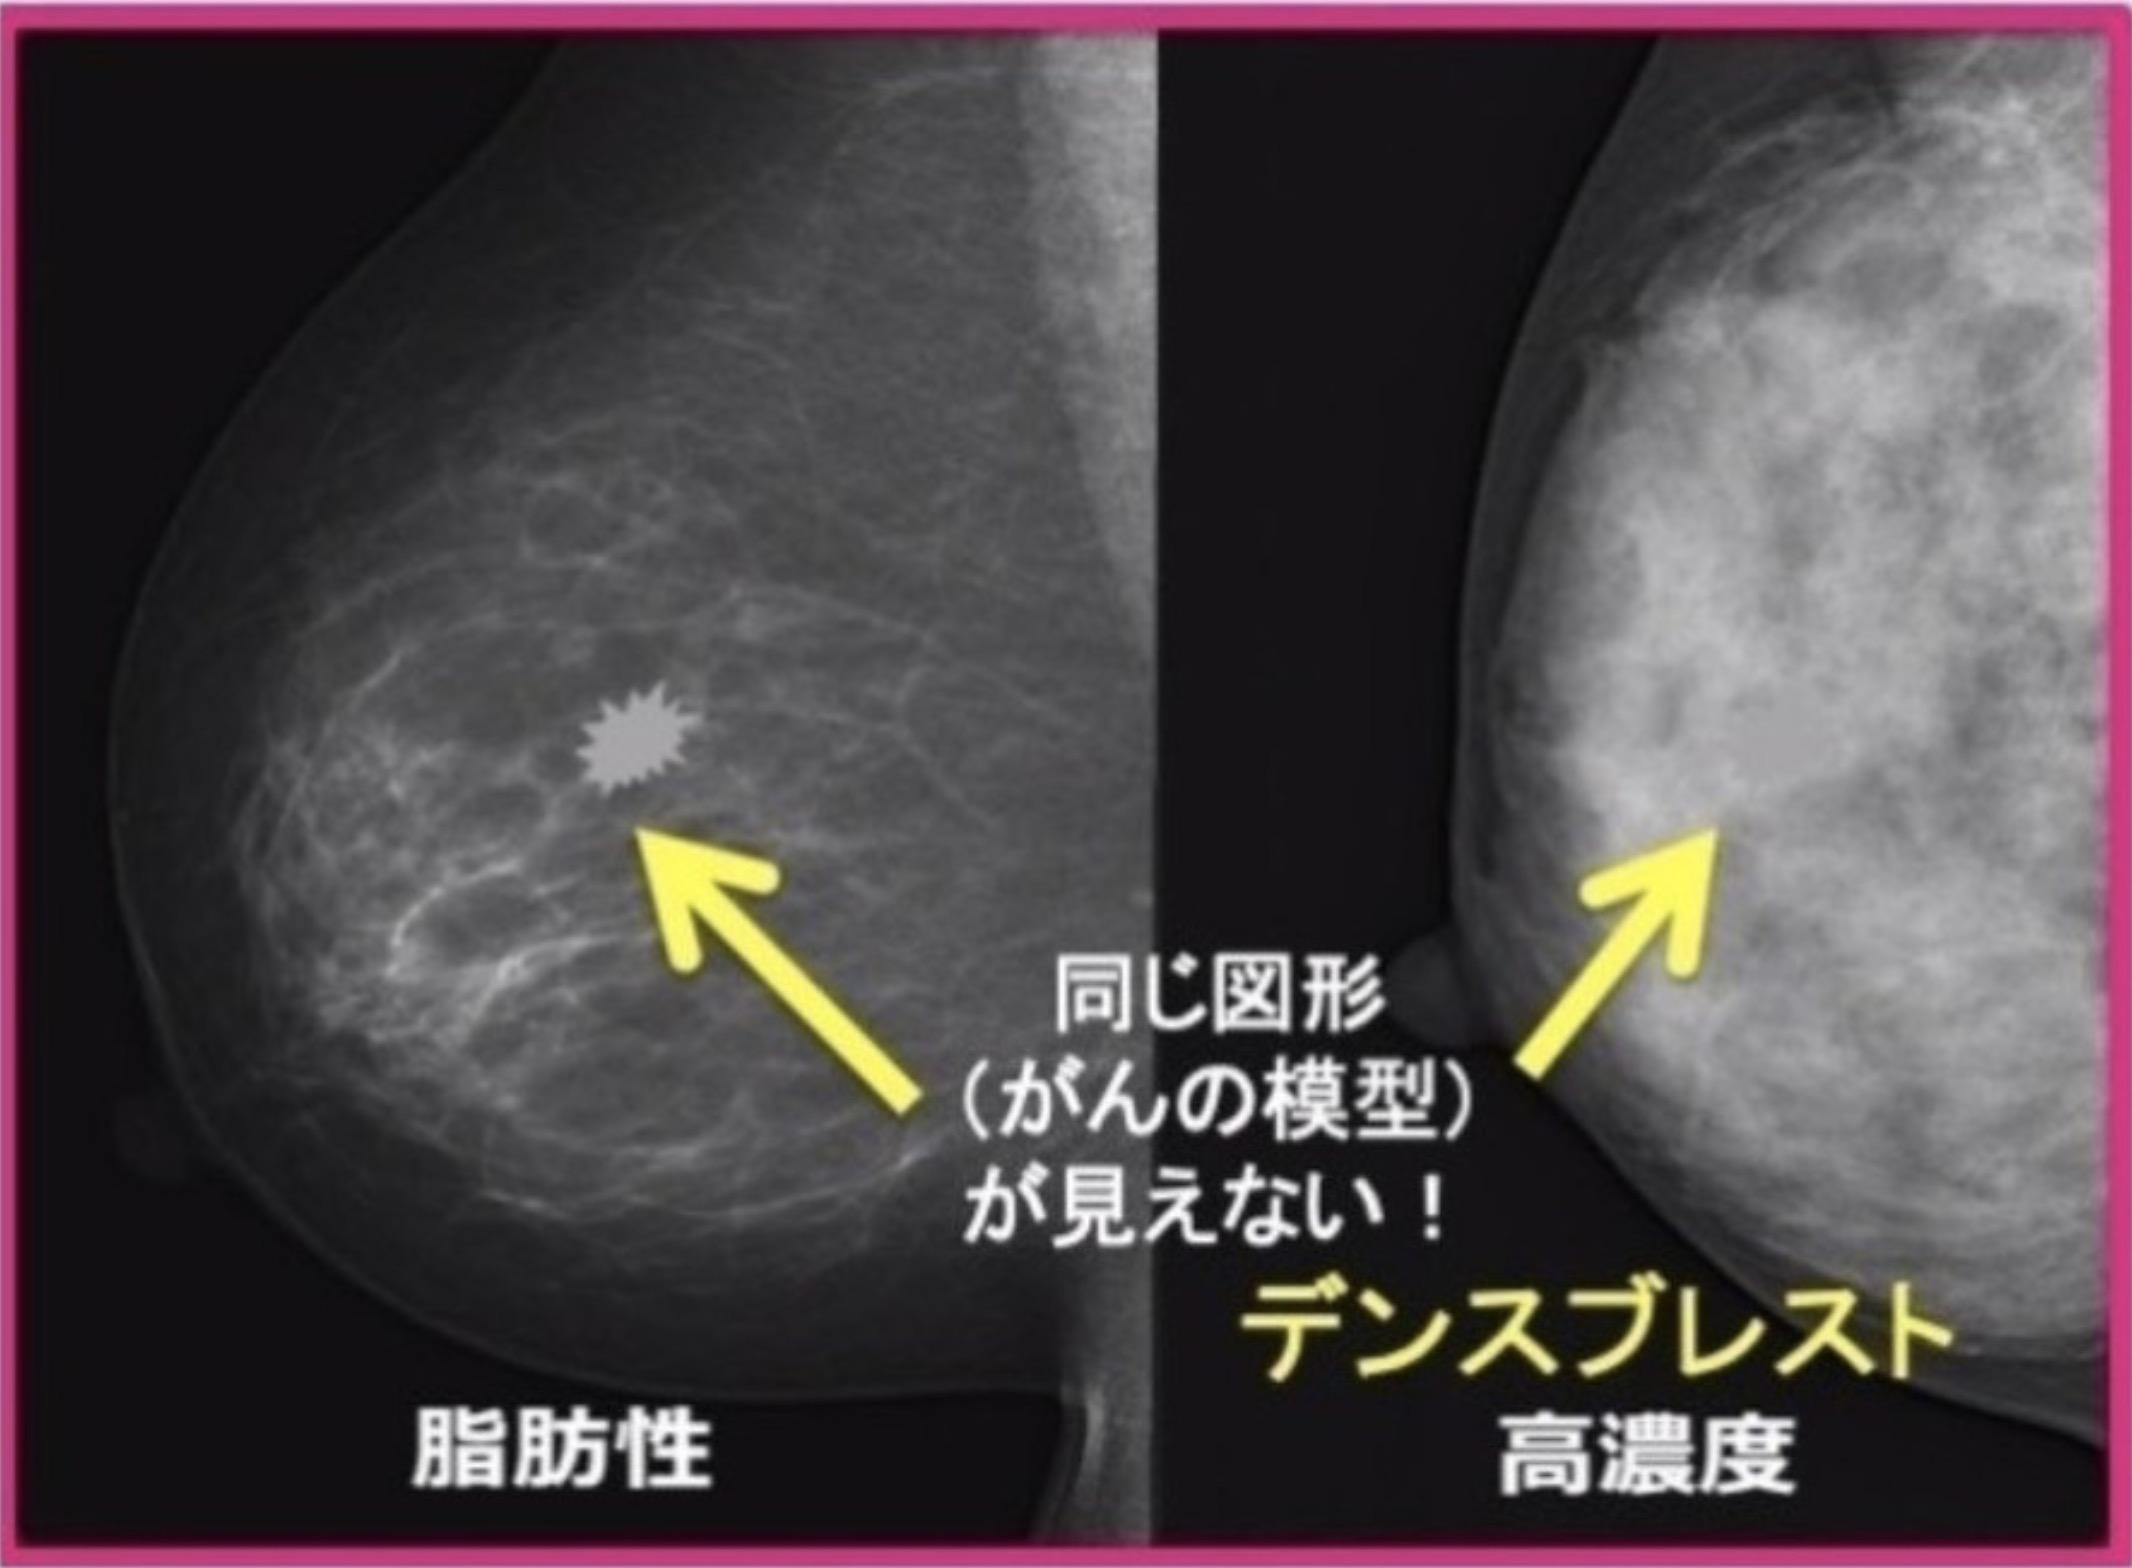 マンモグラフィでは、デンスブレストの場合、がんを発見しにくい